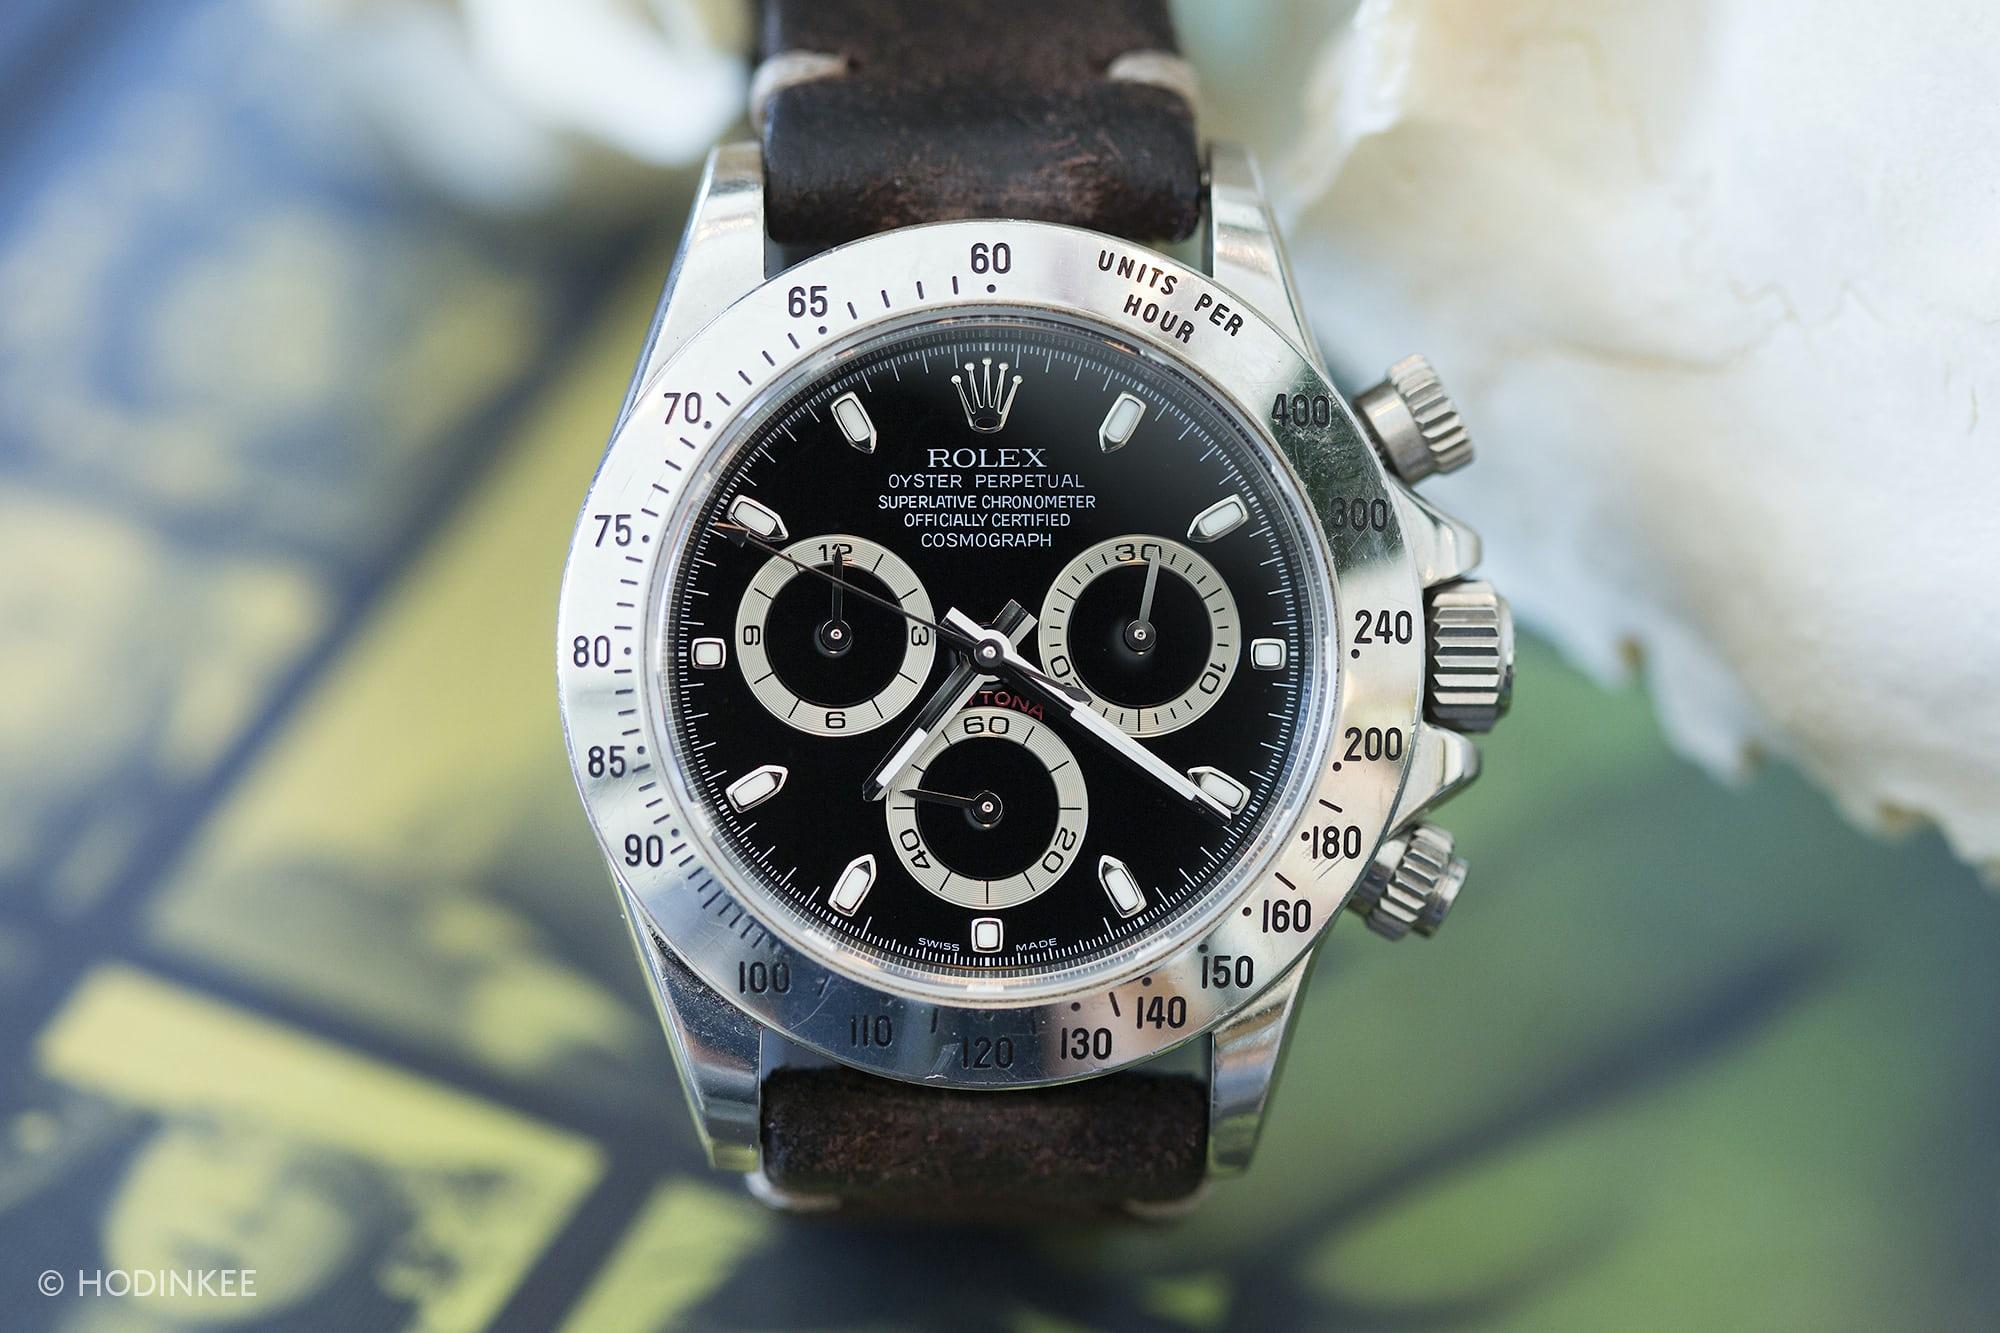 Rolex Daytona Reference 16520 john edelman Talking Watches: With John Edelman Talking Watches: With John Edelman  3H0A2716 copy